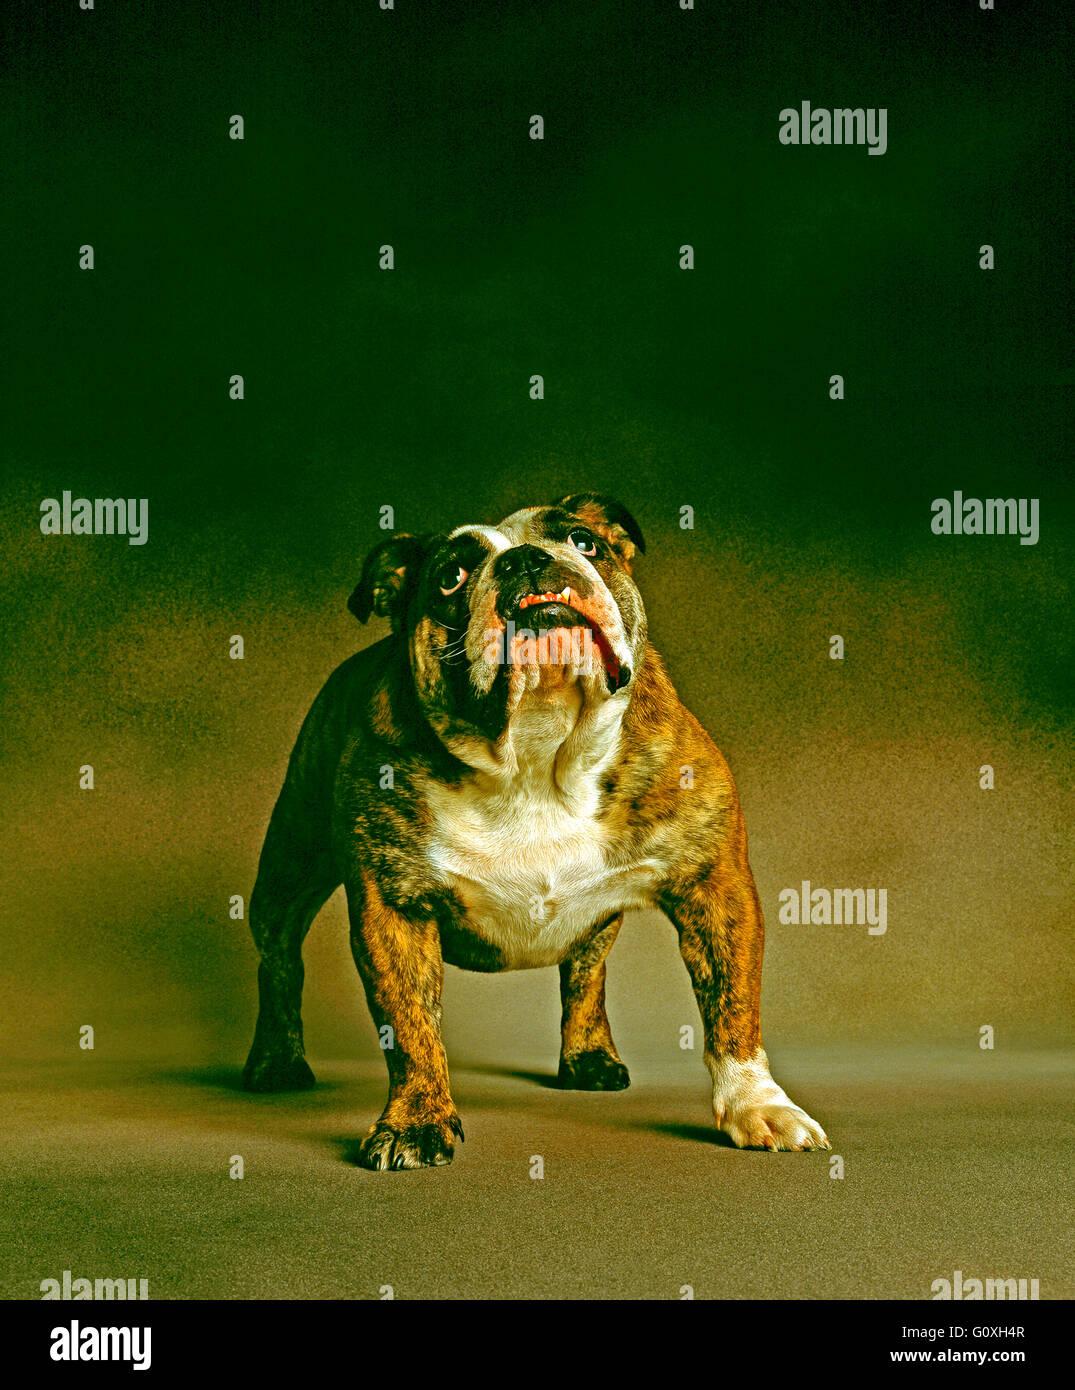 British Bulldog staring into camera - Stock Image